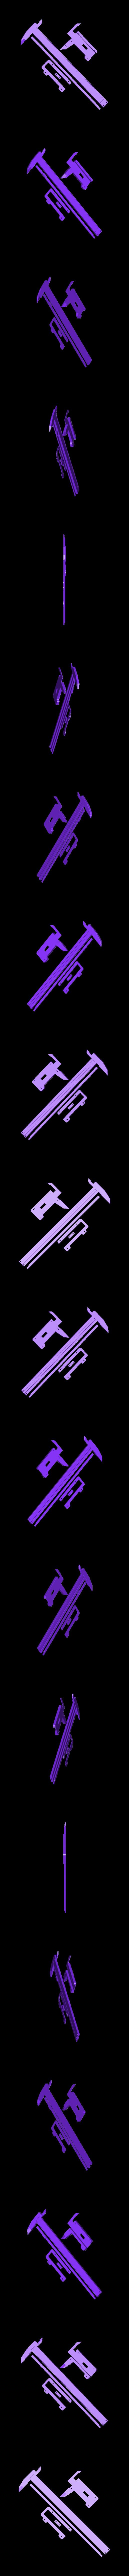 N-C150.stl Télécharger fichier STL gratuit pieds à coulisse à vernier • Objet pour imprimante 3D, kimjh